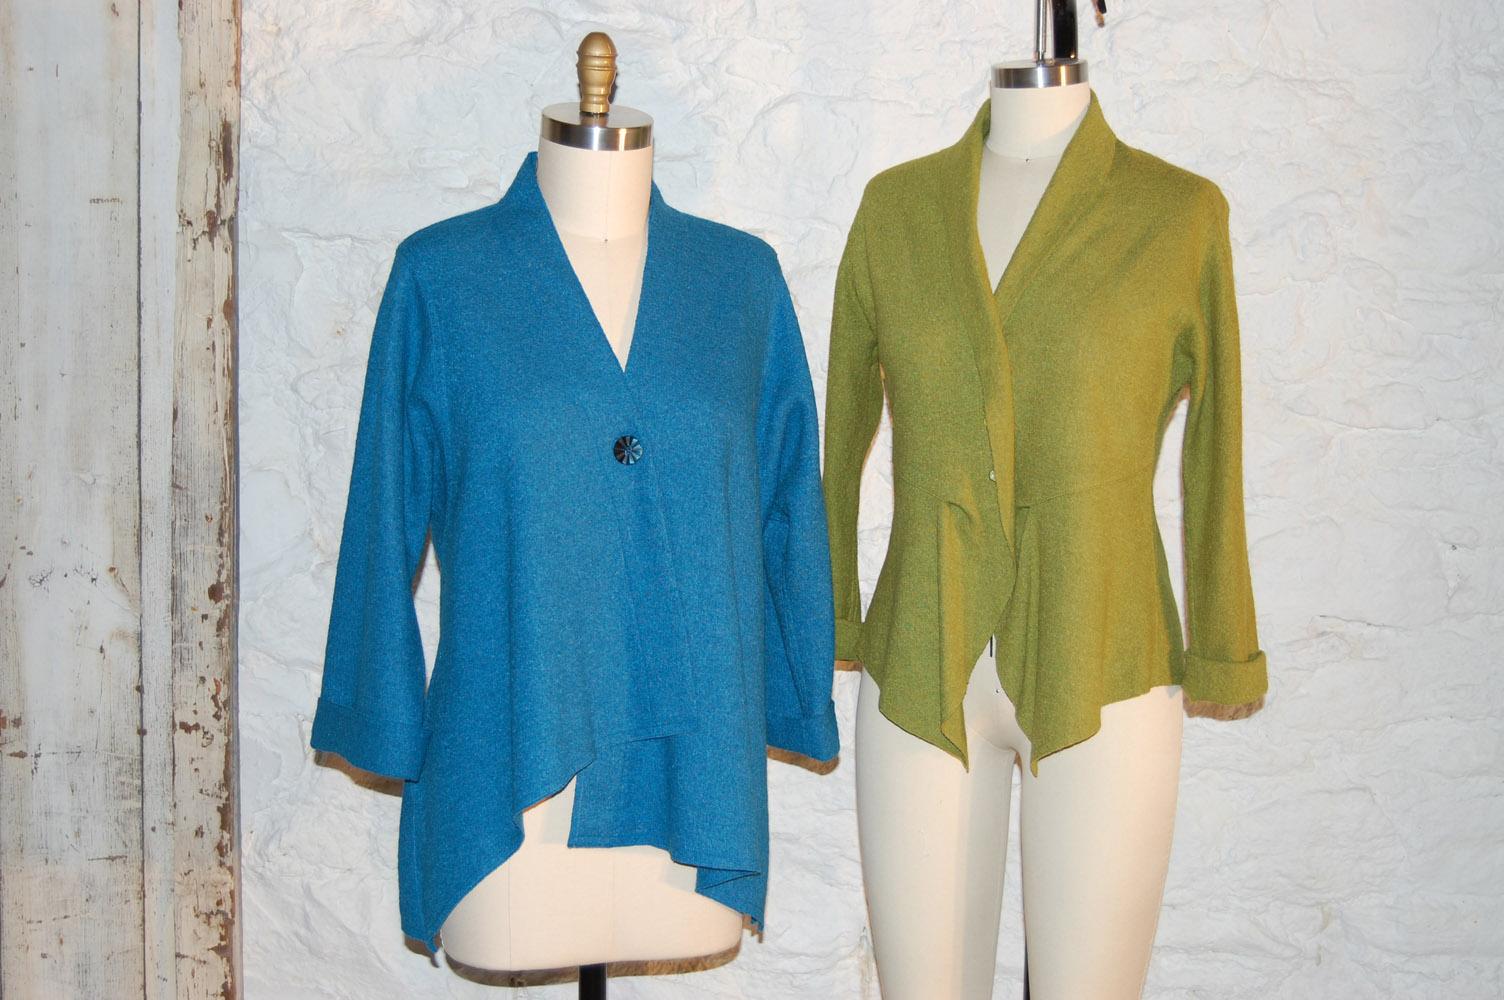 Minneapolis Original Sewing & Quilt Expo Pre-Treat event ... : original sewing and quilt expo - Adamdwight.com